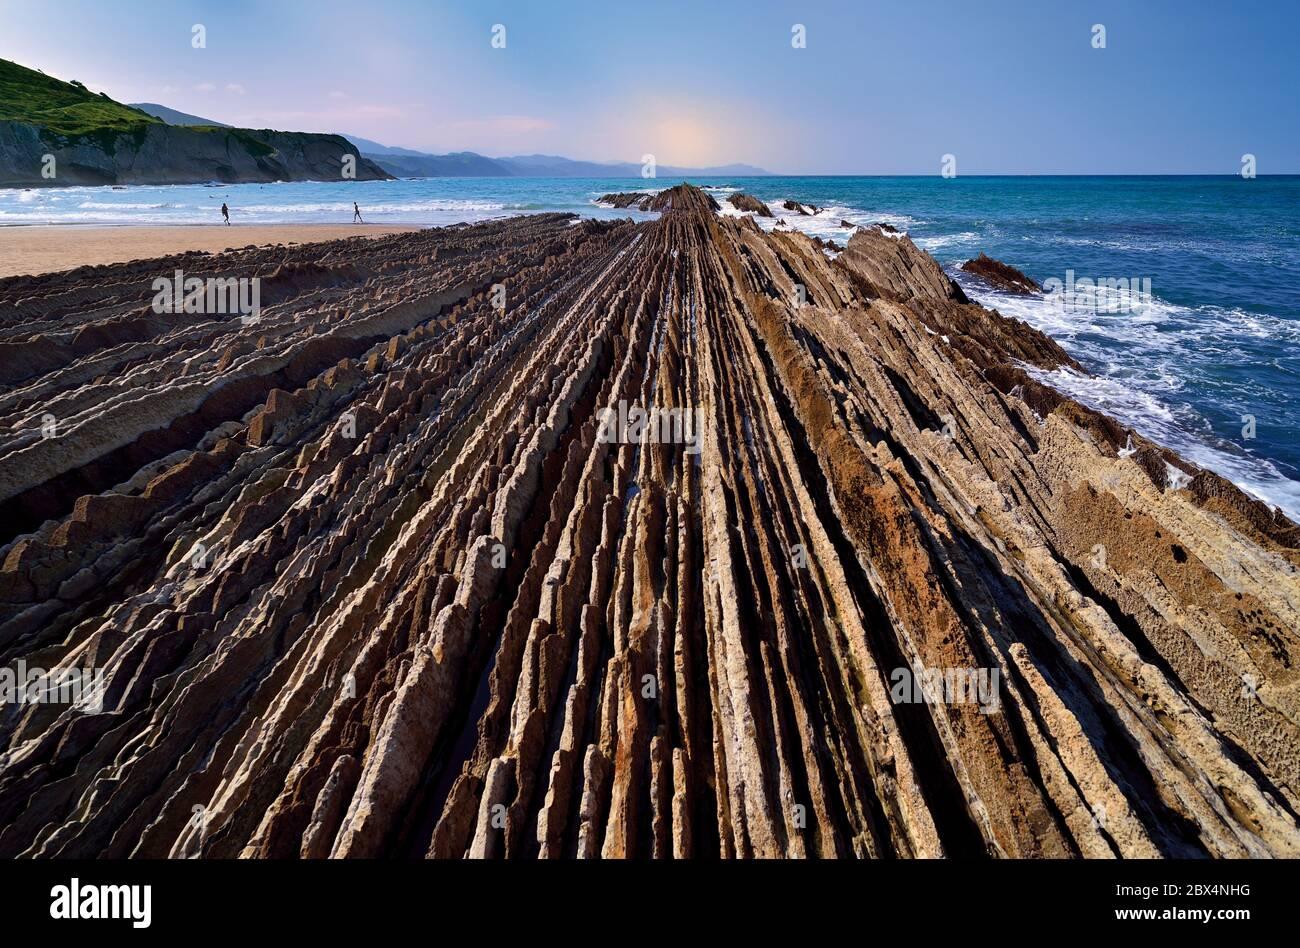 Vue rapprochée des lignes de rochers qui se dirigent vers l'océan à marée basse Banque D'Images